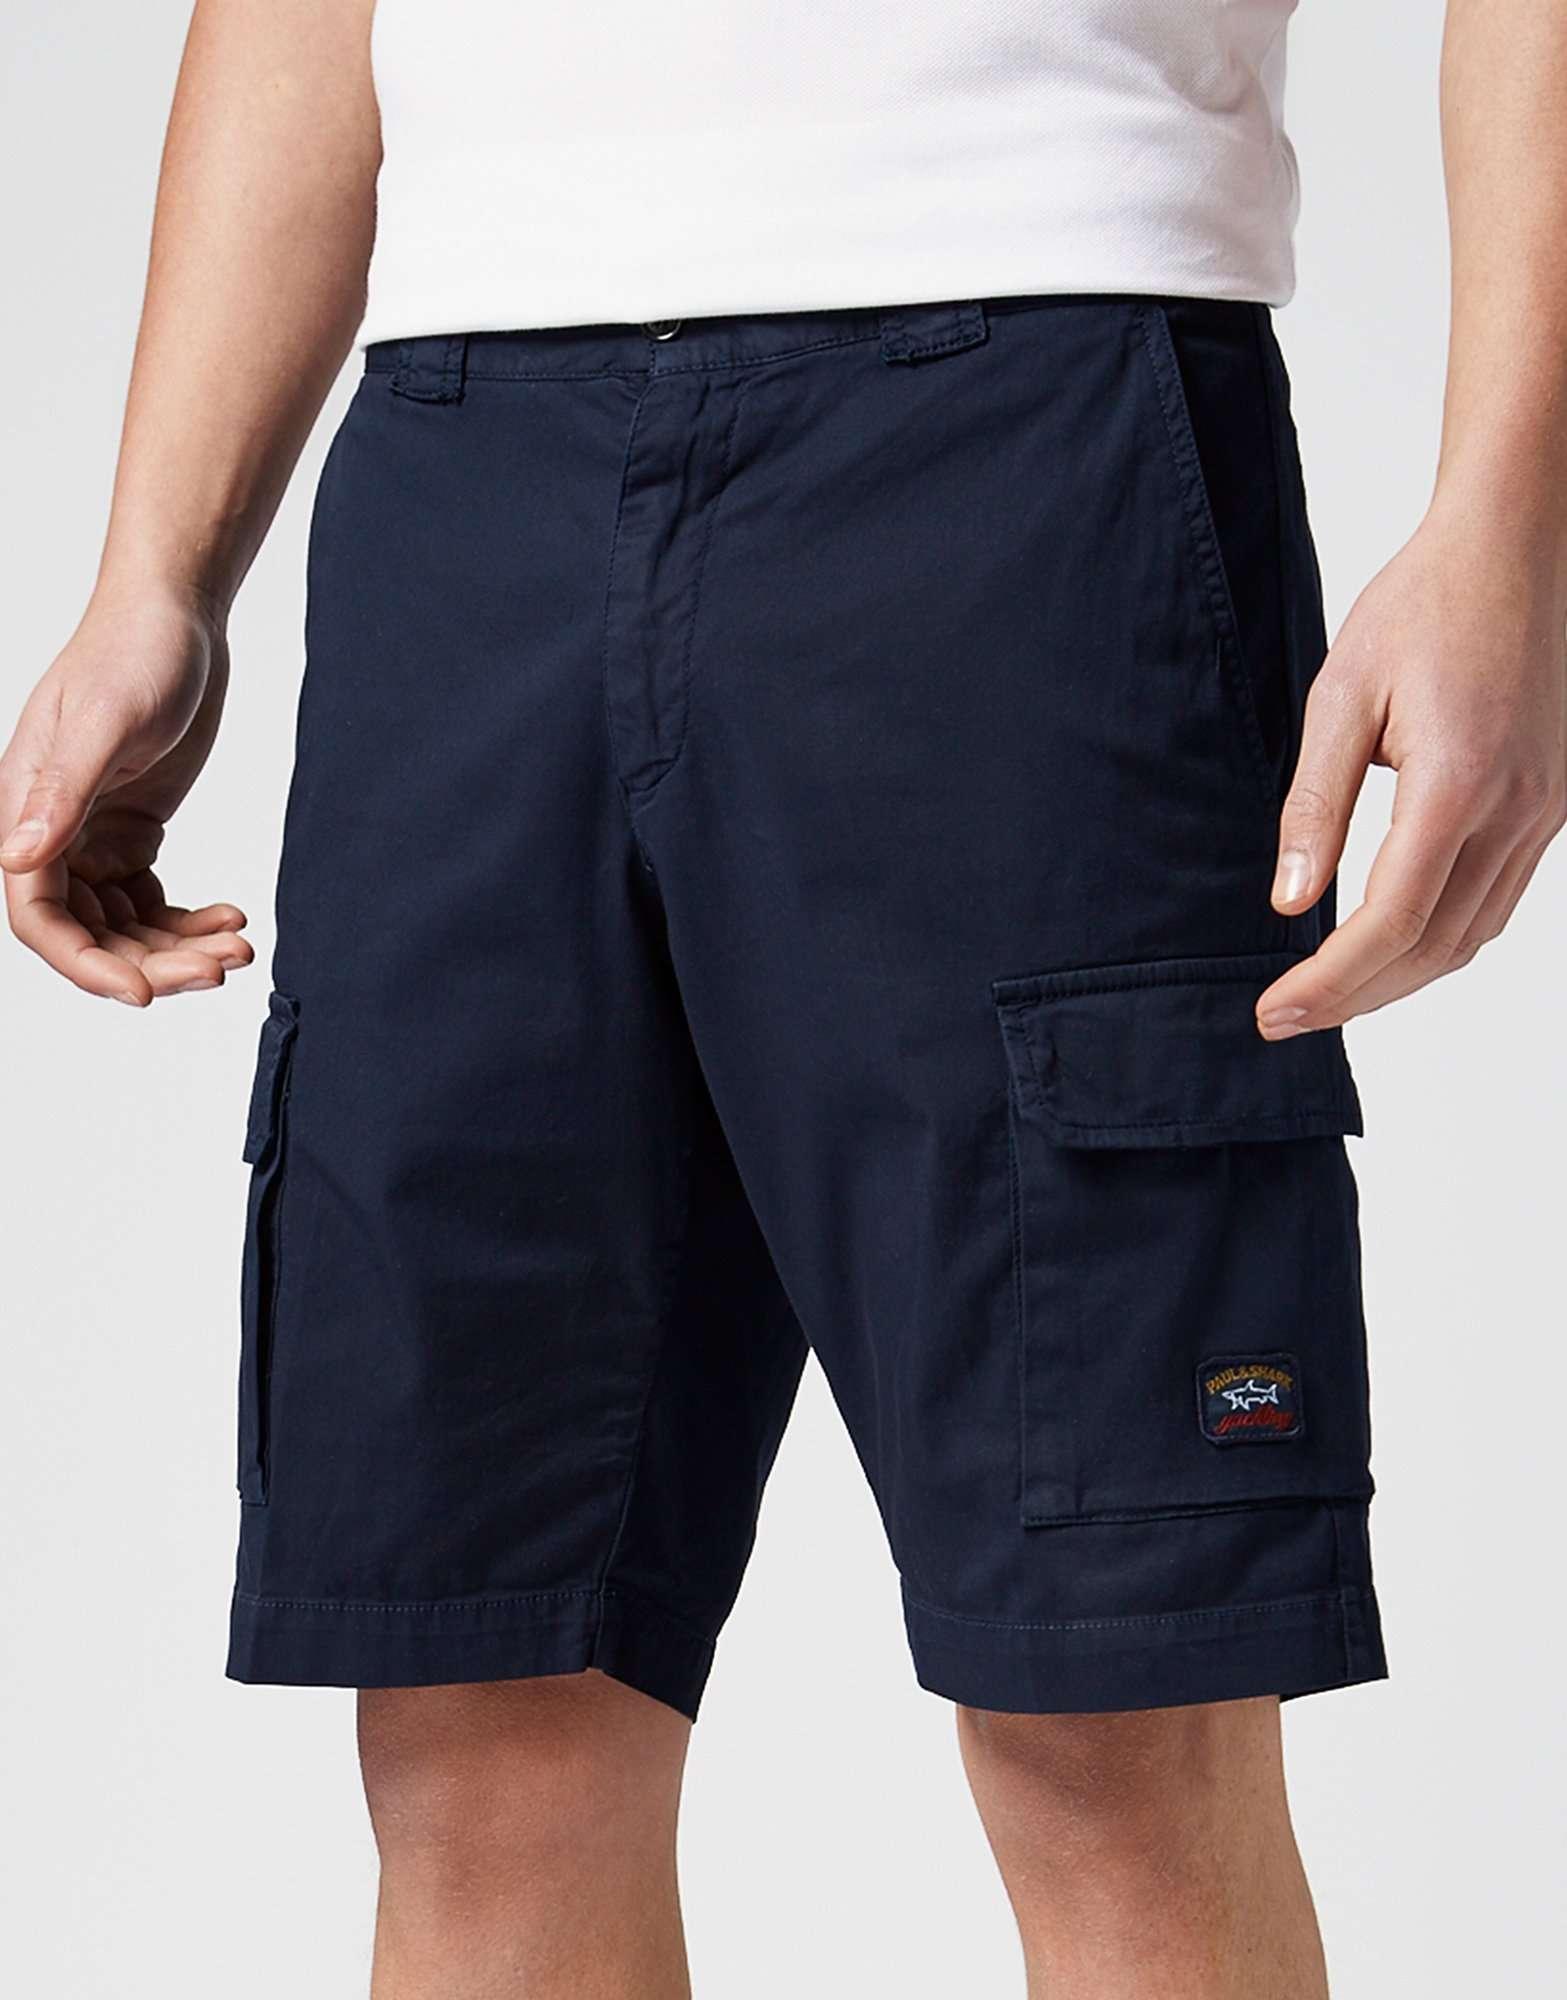 TROUSERS - Bermuda shorts Paul & Shark